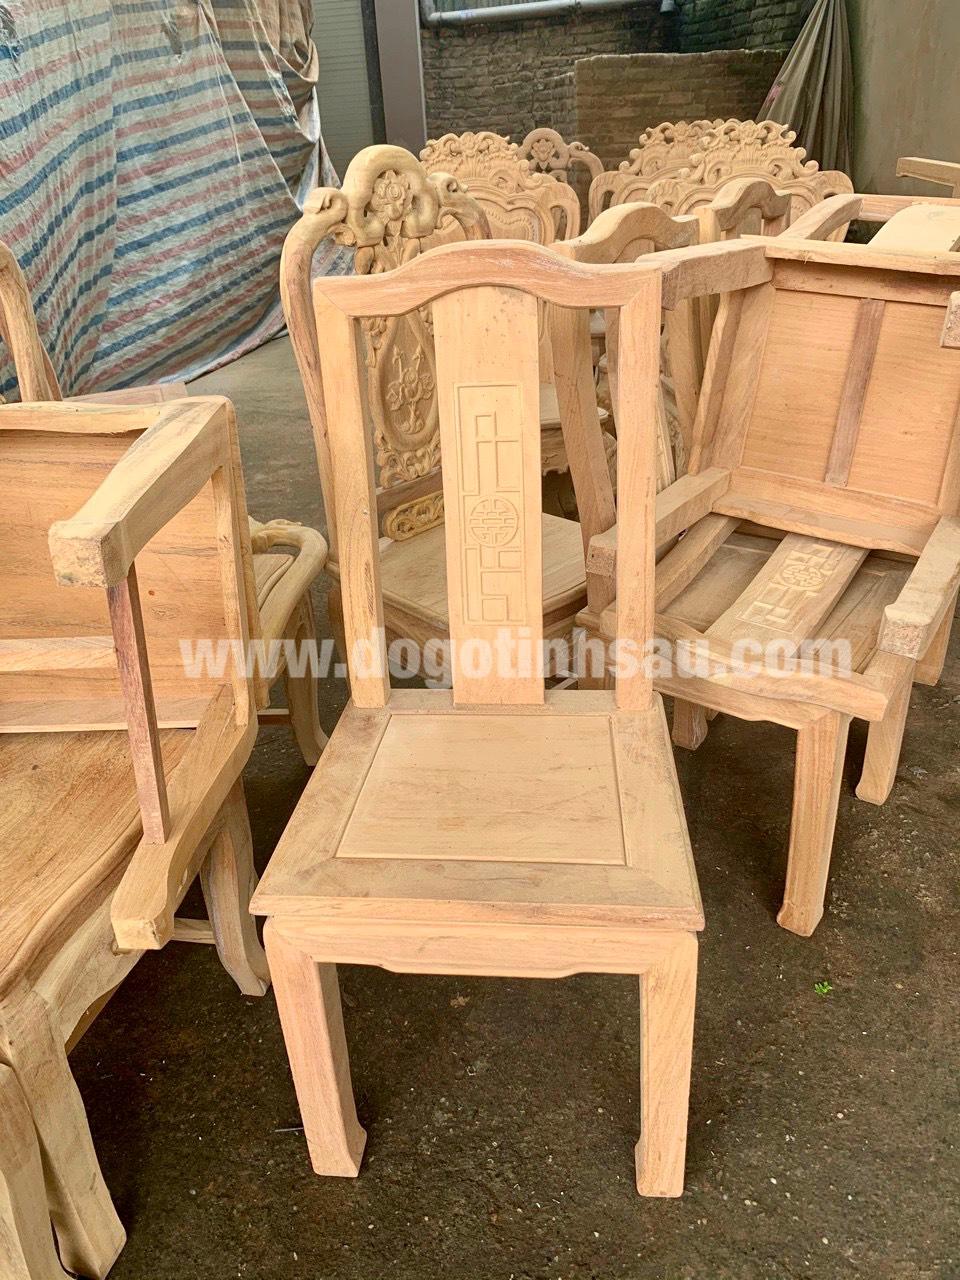 mau ghe an go go do 13 - 5 Lý do để mẫu bàn ghế ăn gỗ gõ đỏ ngày càng được ưa chuộng trên thị trường